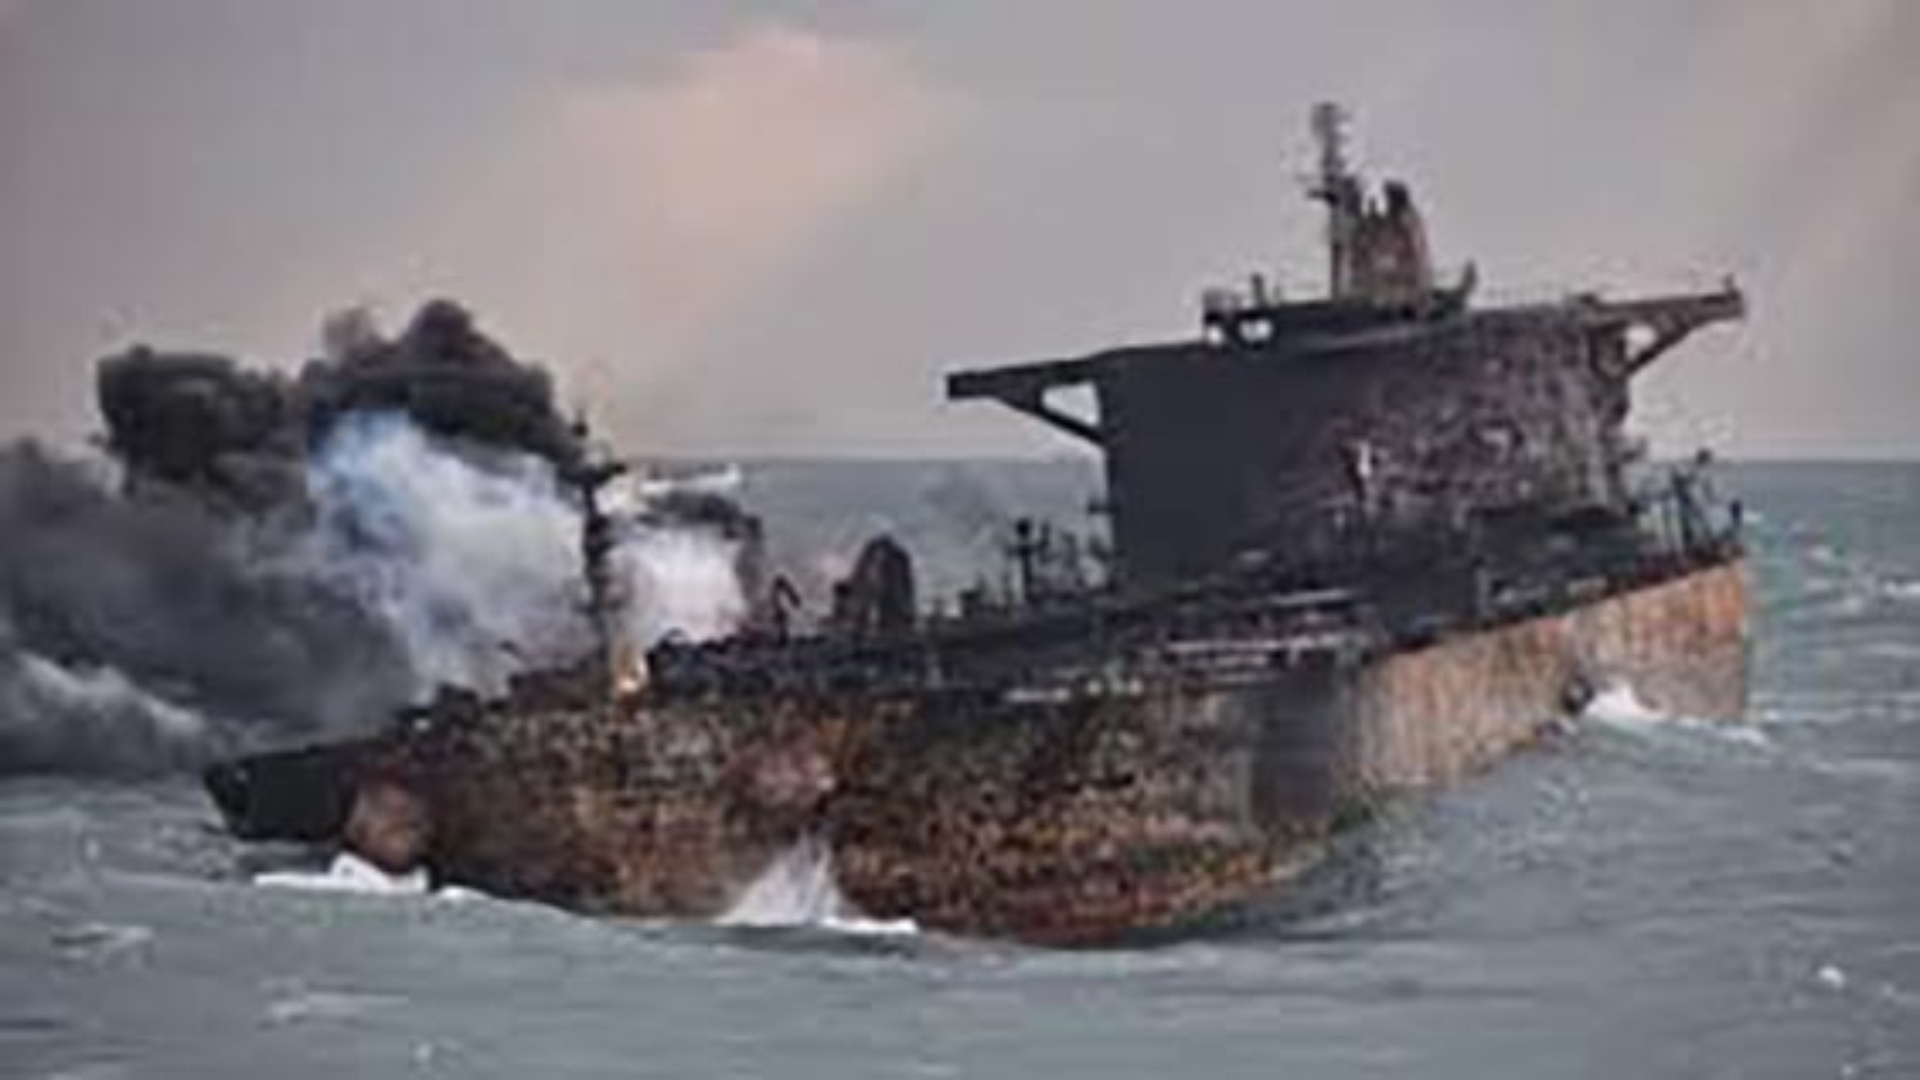 آغاز تجسس در نفتکش ایرانی توسط نیروهای ایرانی تا ۱۵ ساعت دیگر | فیلم